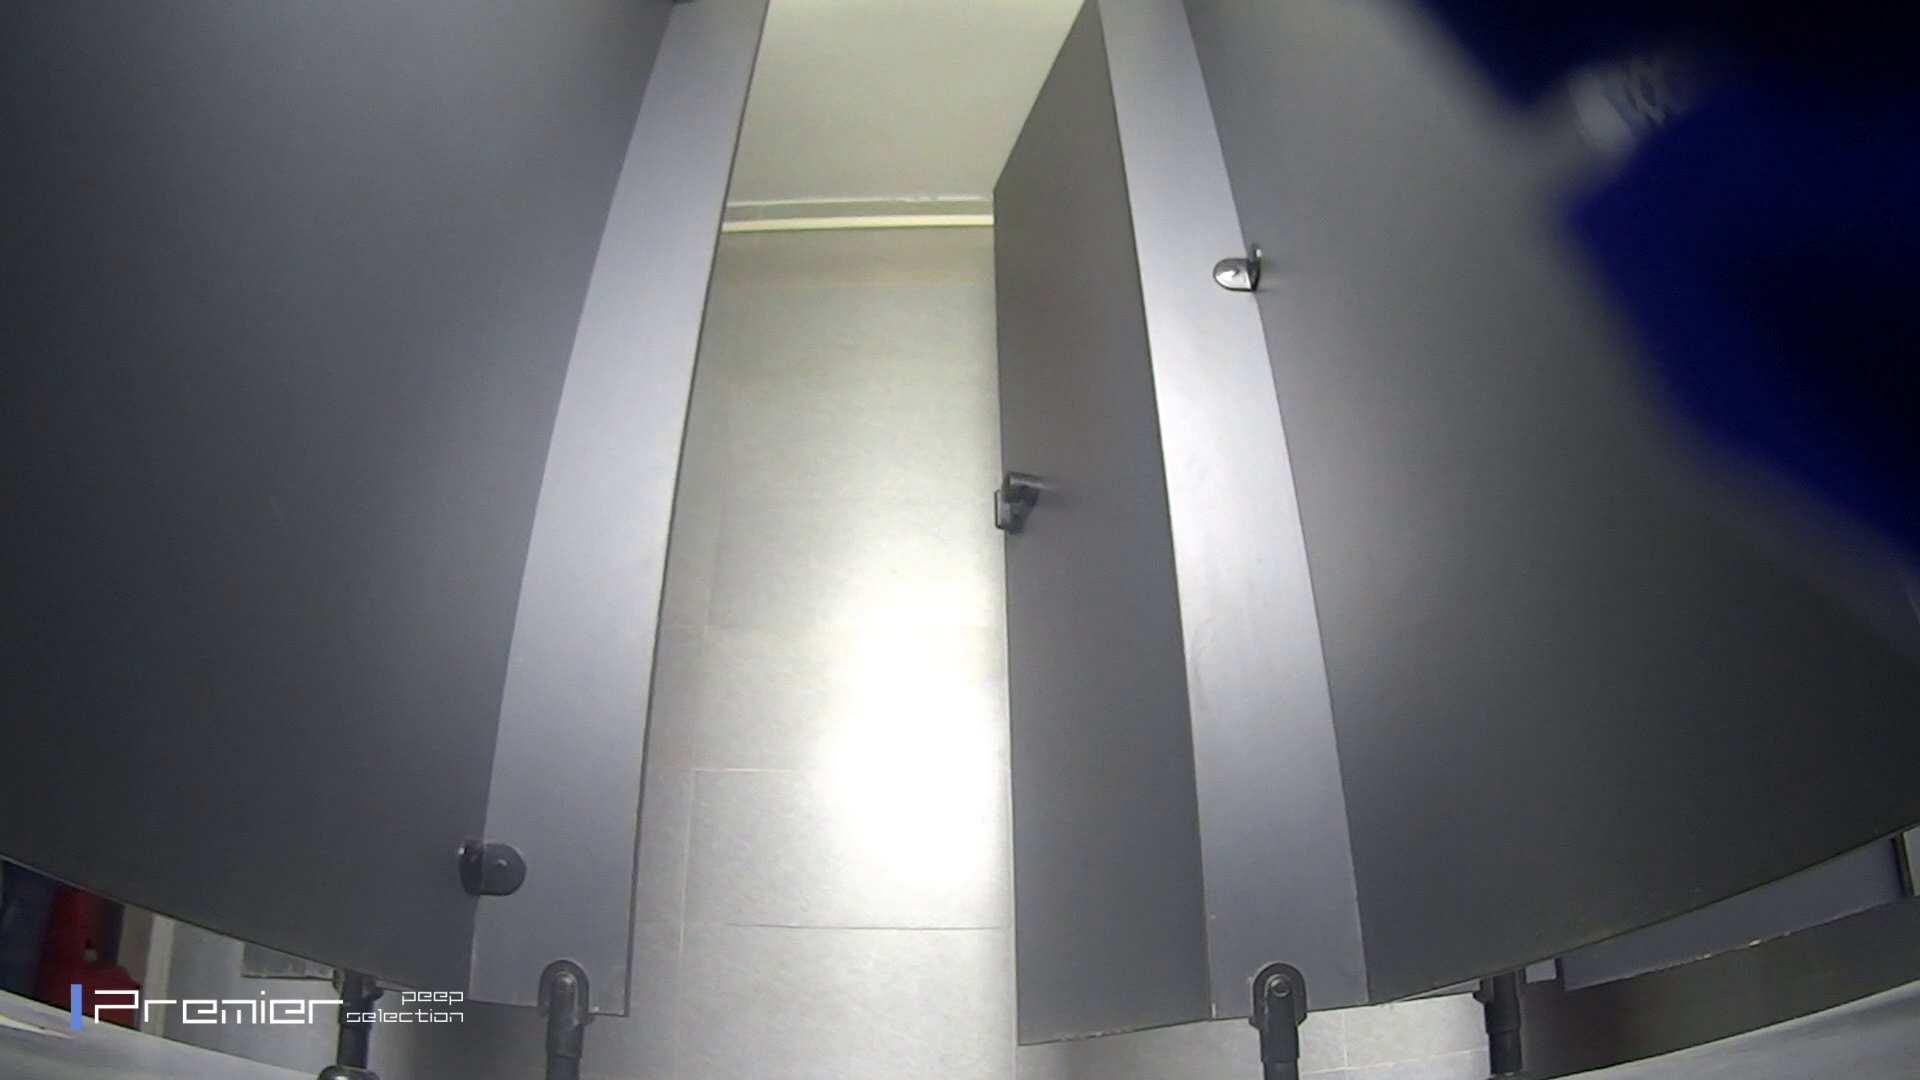 ツンデレお女市さんのトイレ事情 大学休憩時間の洗面所事情32 丸見え オマンコ無修正動画無料 35画像 2